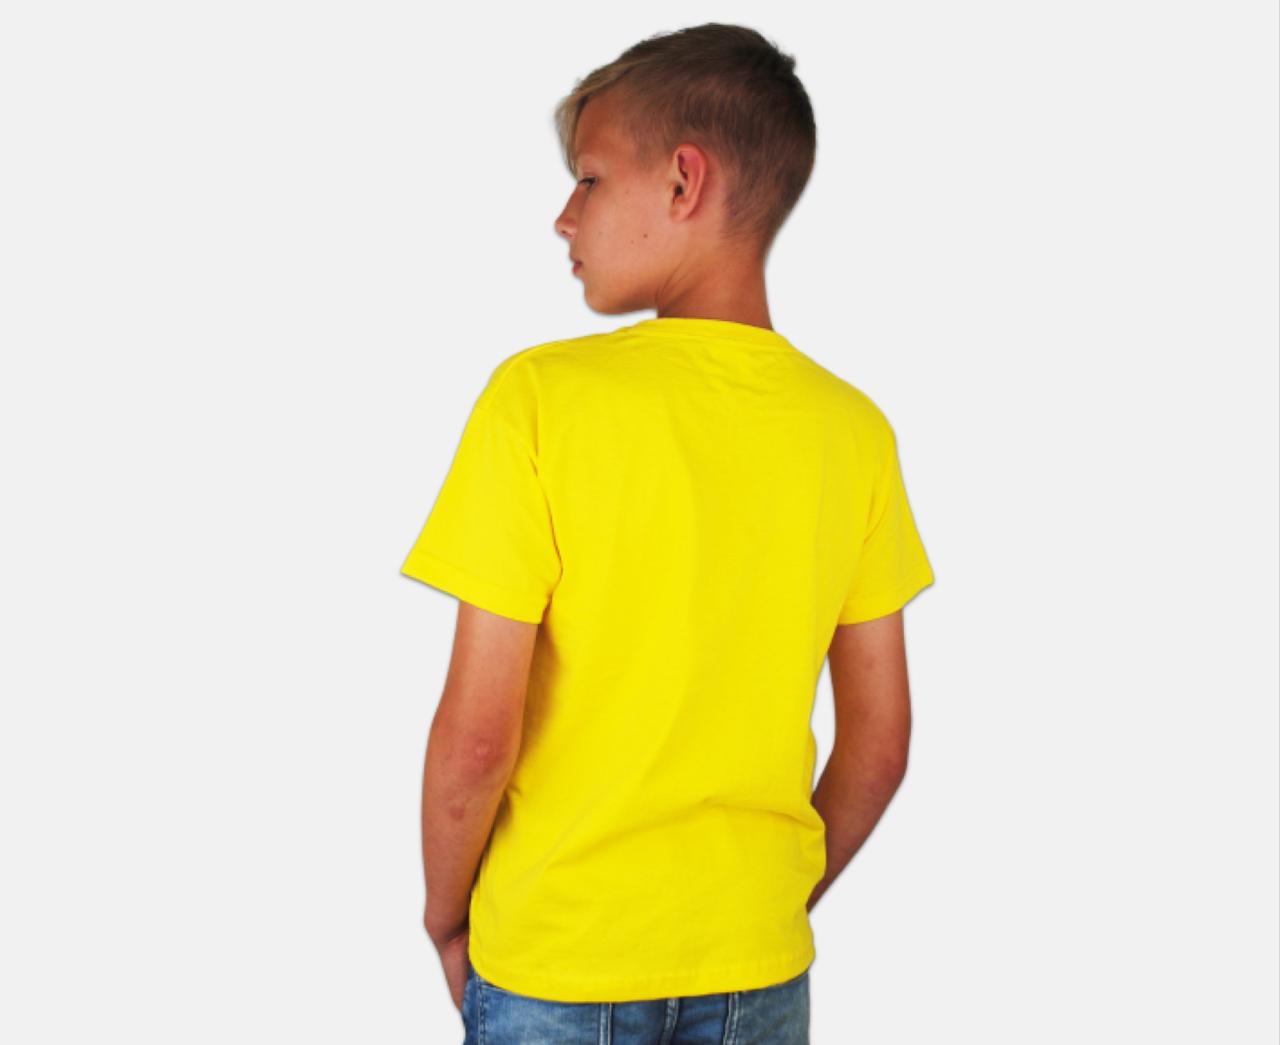 Детская Классическая Футболка для Мальчиков Ярко-жёлтая Fruit of the loom 61-033-K2 7-8